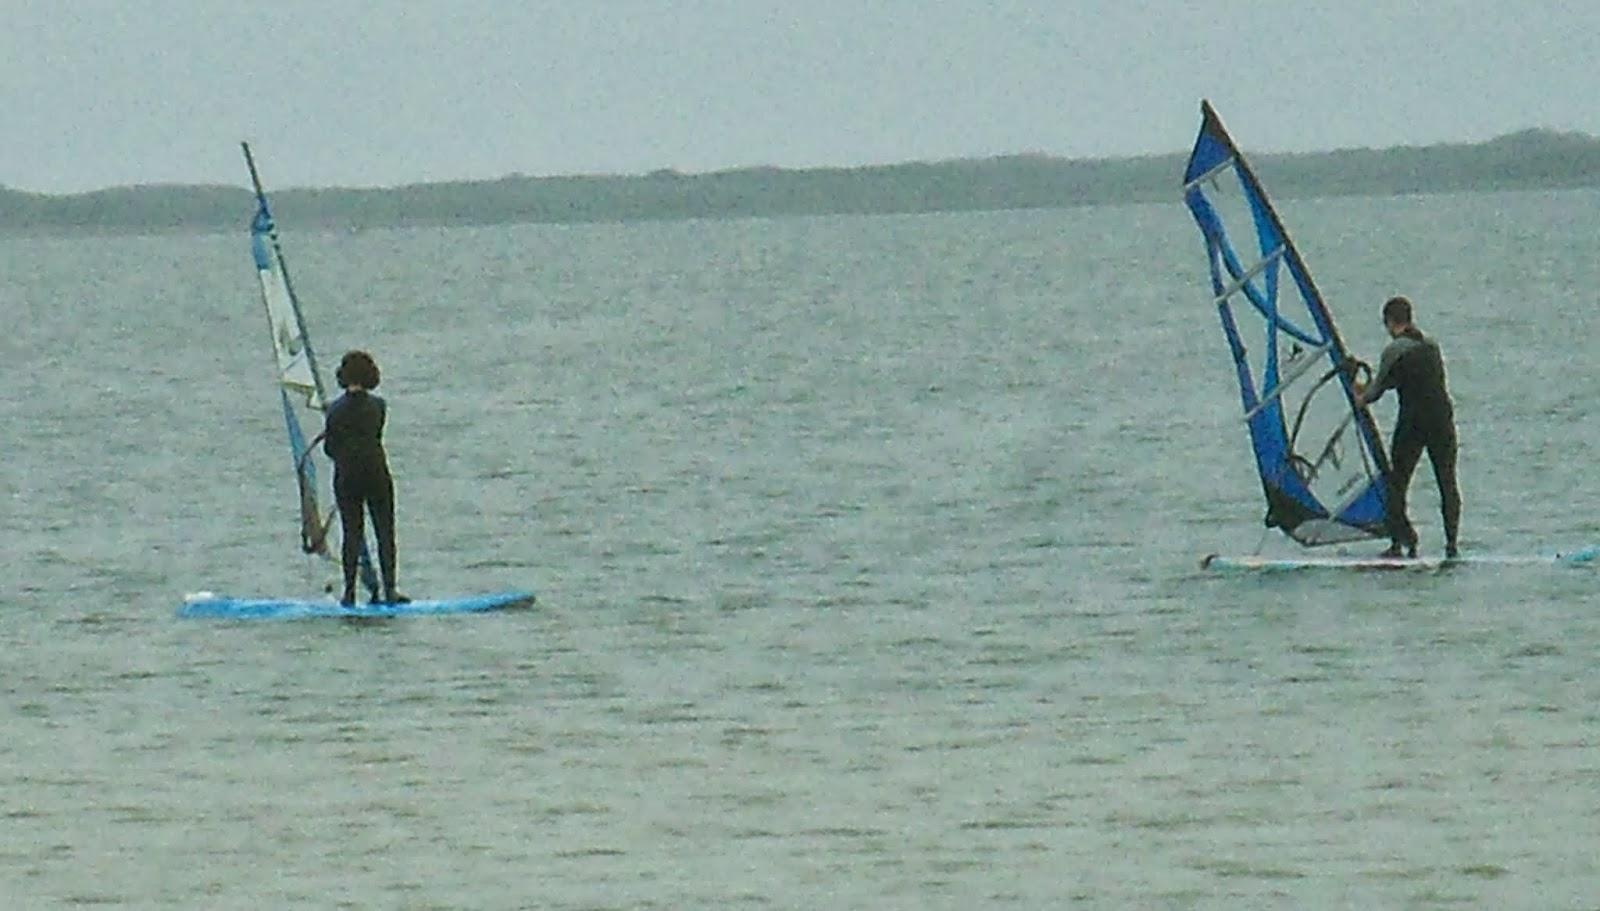 Padre Island National Seashore Kayak Rental